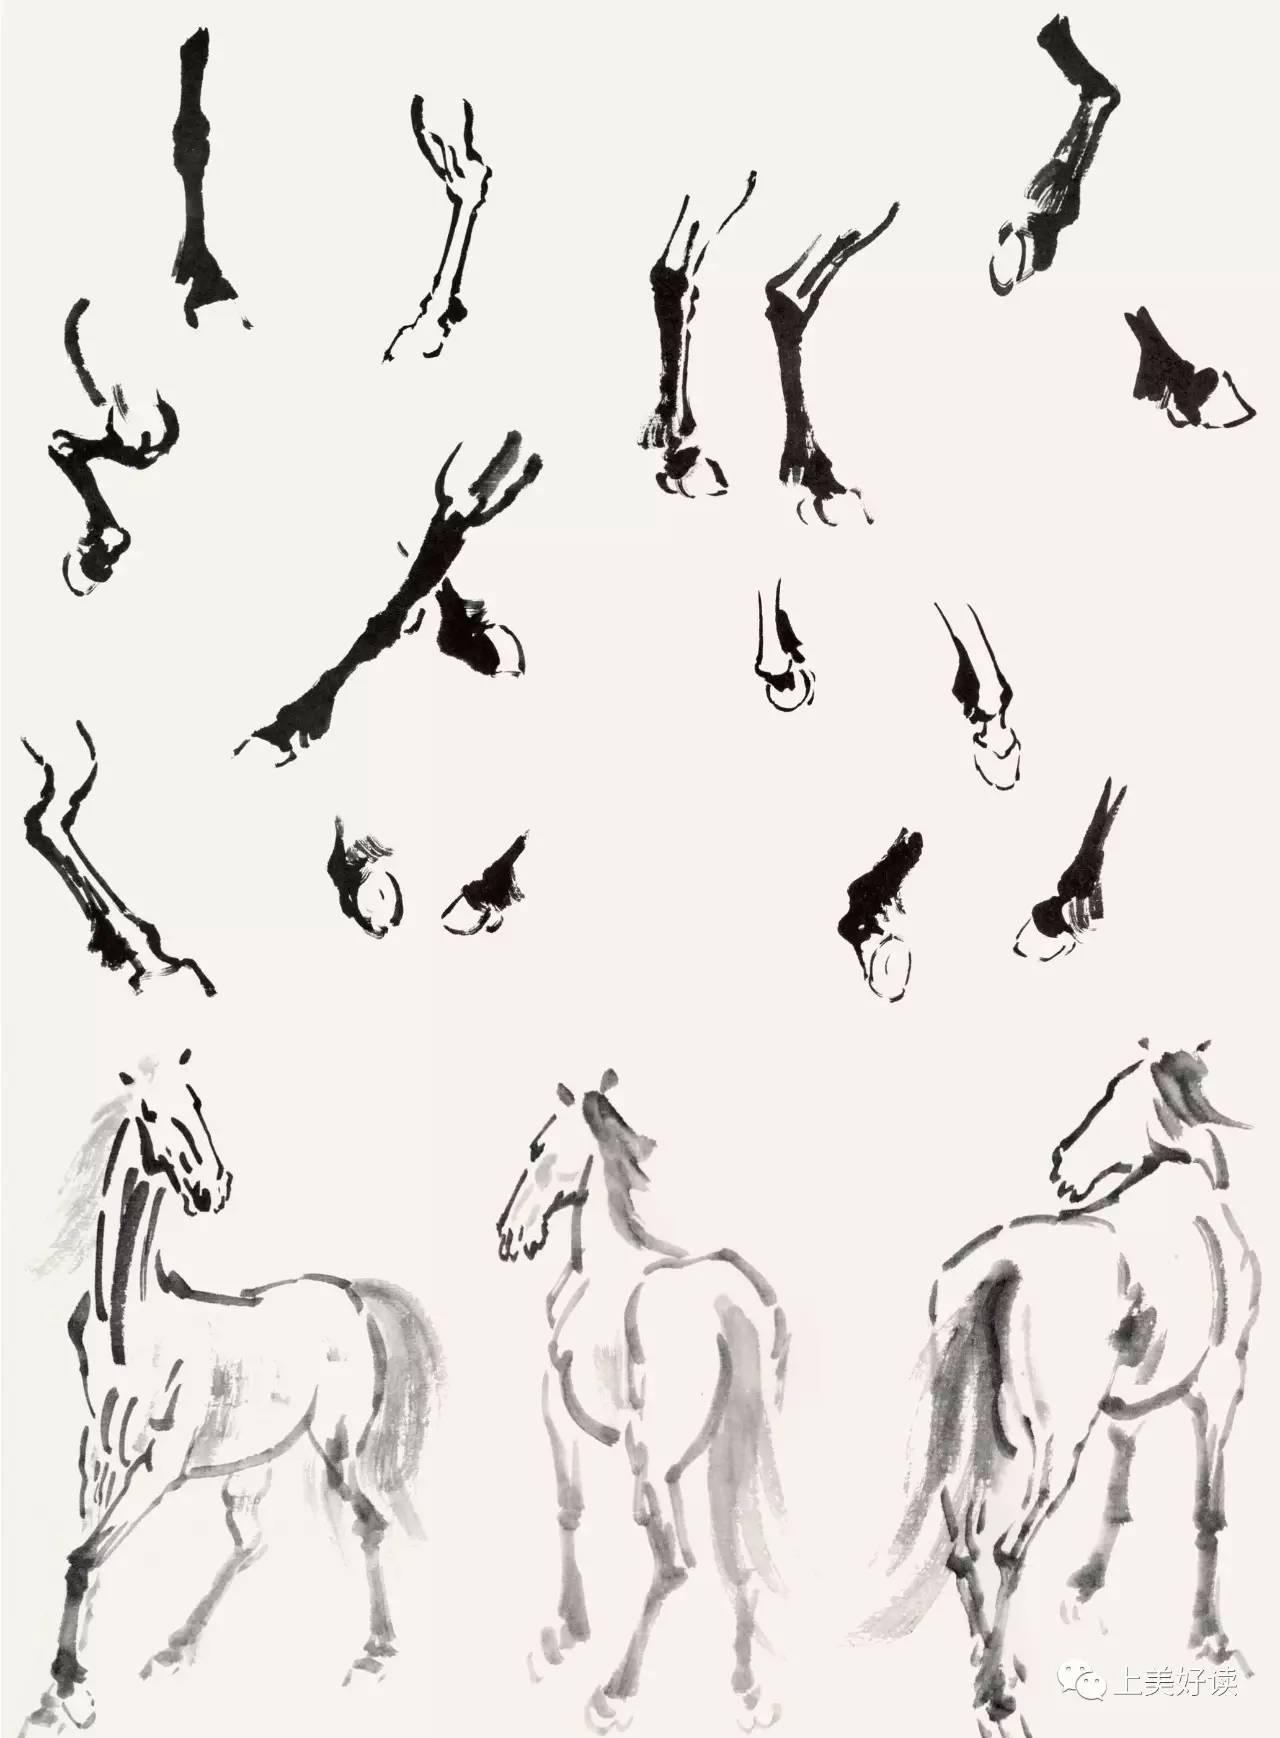 画马的步骤素描-2017上海书展 名家讲稿大师精选 百年巨匠传世之作图片